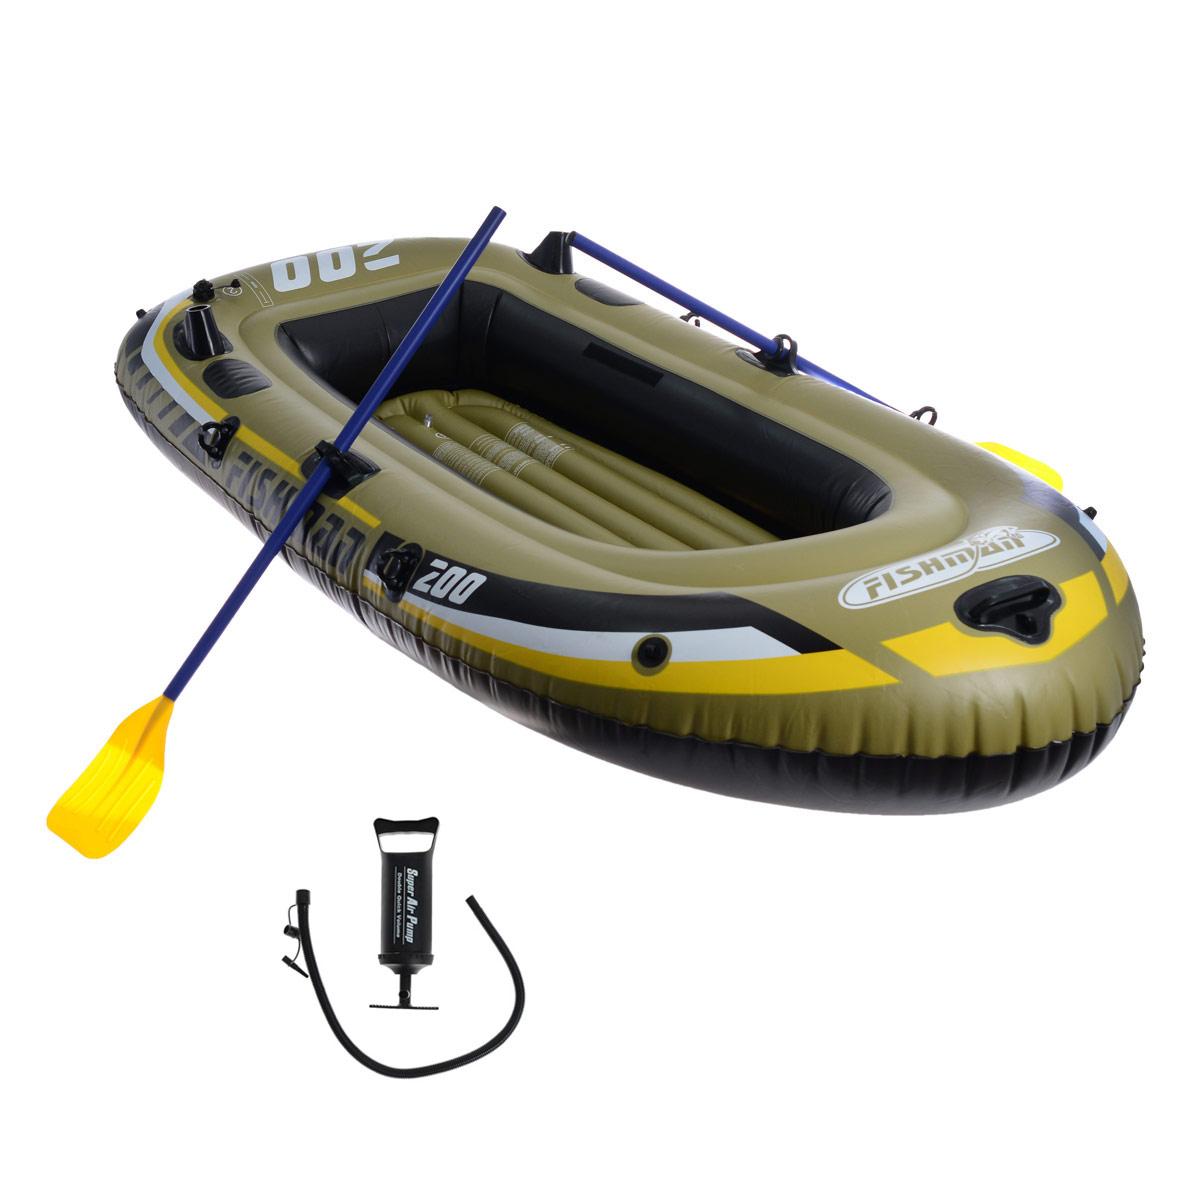 Лодка надувная Jilong Fishman 200 Set, с веслами и насосом, цвет: темно-зеленый, 218 см х 110 см х 36 смJL007207-1NЛодка Jilong Fishman 200 Set отлично подходит для рыбалки, плавания по речкам и озерам. Материал лодки имеет высокую прочность. Он стоек к воздействию бензина, морской воды. В комплектацию входит трос. Возможна установка мотора на лодку, для этого нужно докупить транец. По бокам лодки установлены держатели для весел и удочек. Особенности: Пластиковые весла (длина 124,46 см; Ручной насос; 2-камерная конструкция лодки для большей безопасности; Крепление для весел; Держатель для весел; Карман для хранения; Надувной пол для удобства и жесткости; Держатель для удочек; Стропа по периметру лодки; Винтовой клапан для быстрого надувания и сдувания.